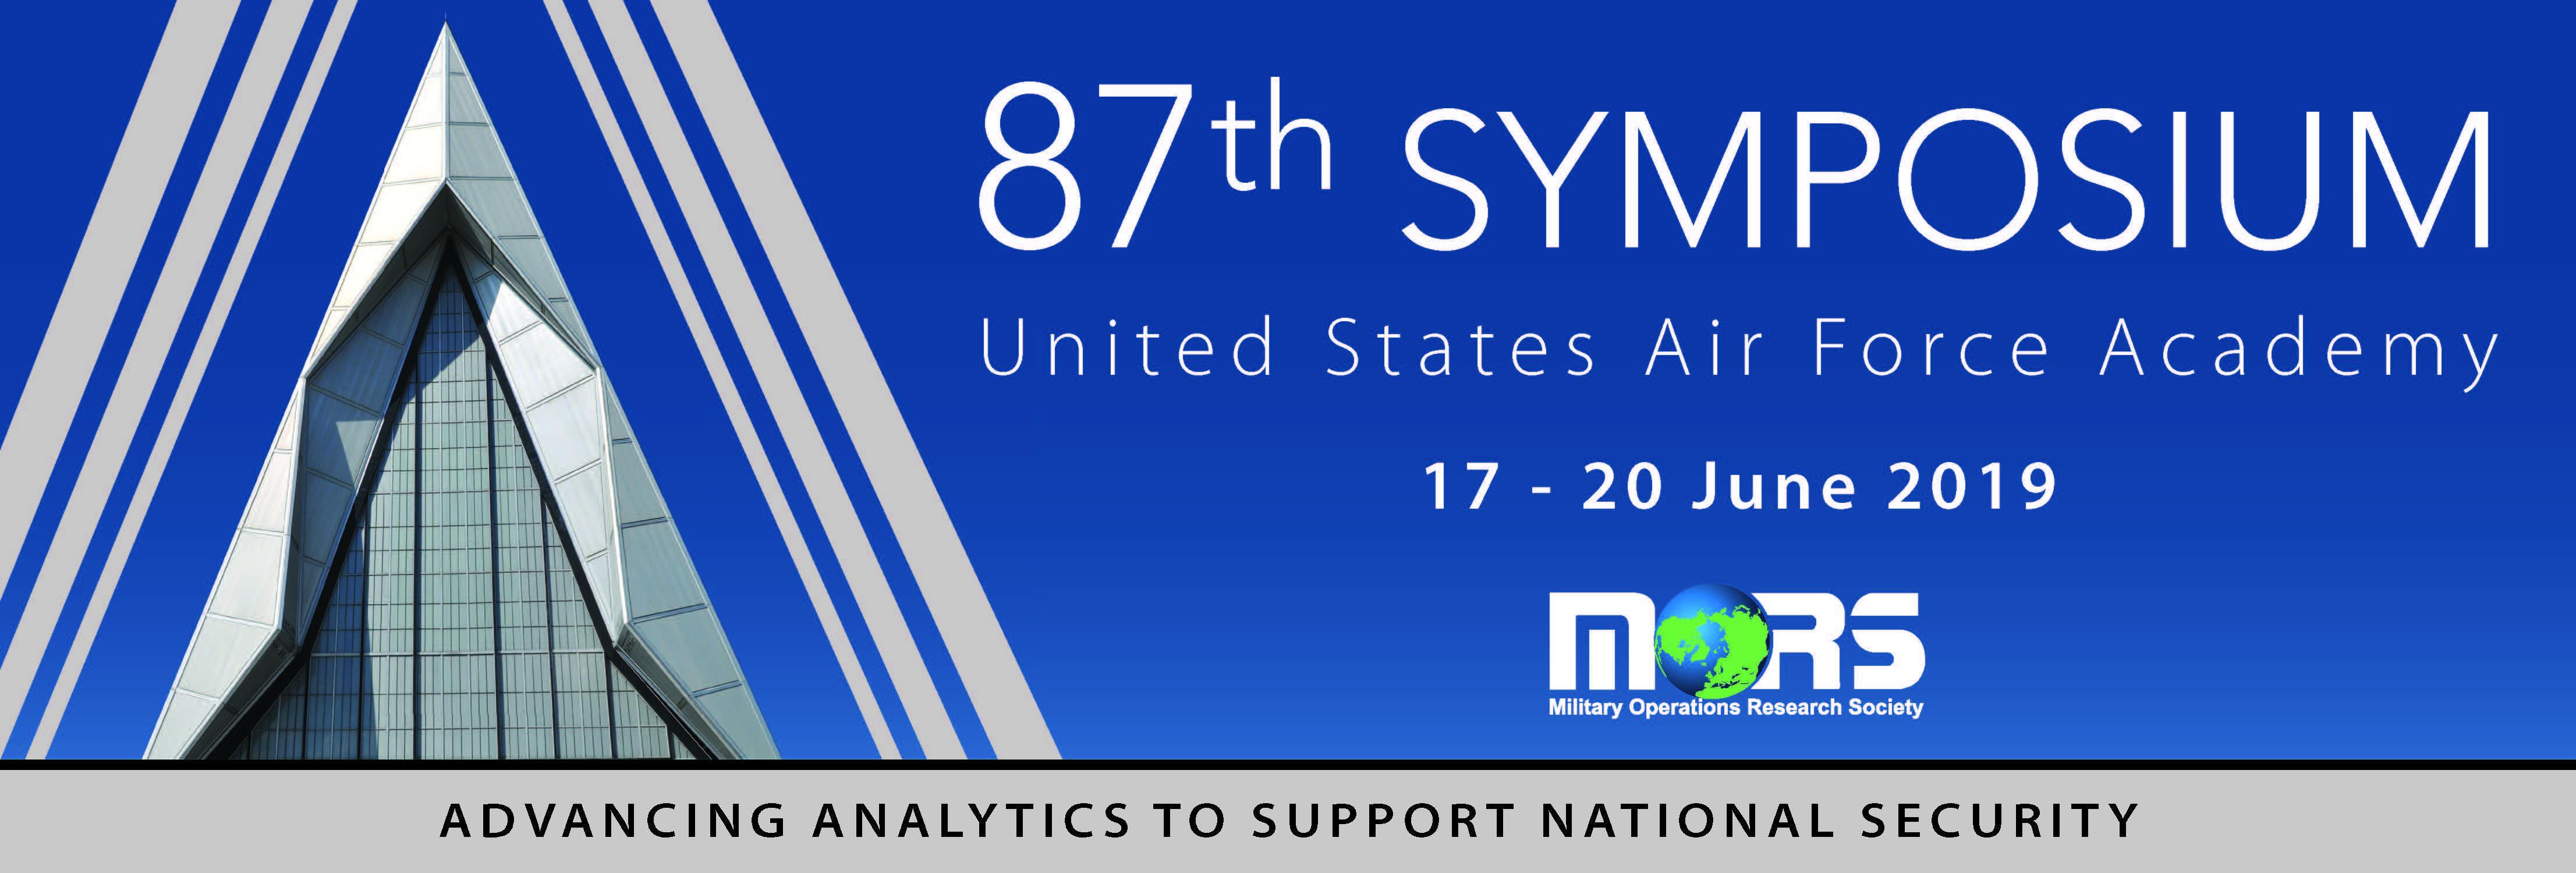 87th Symposium